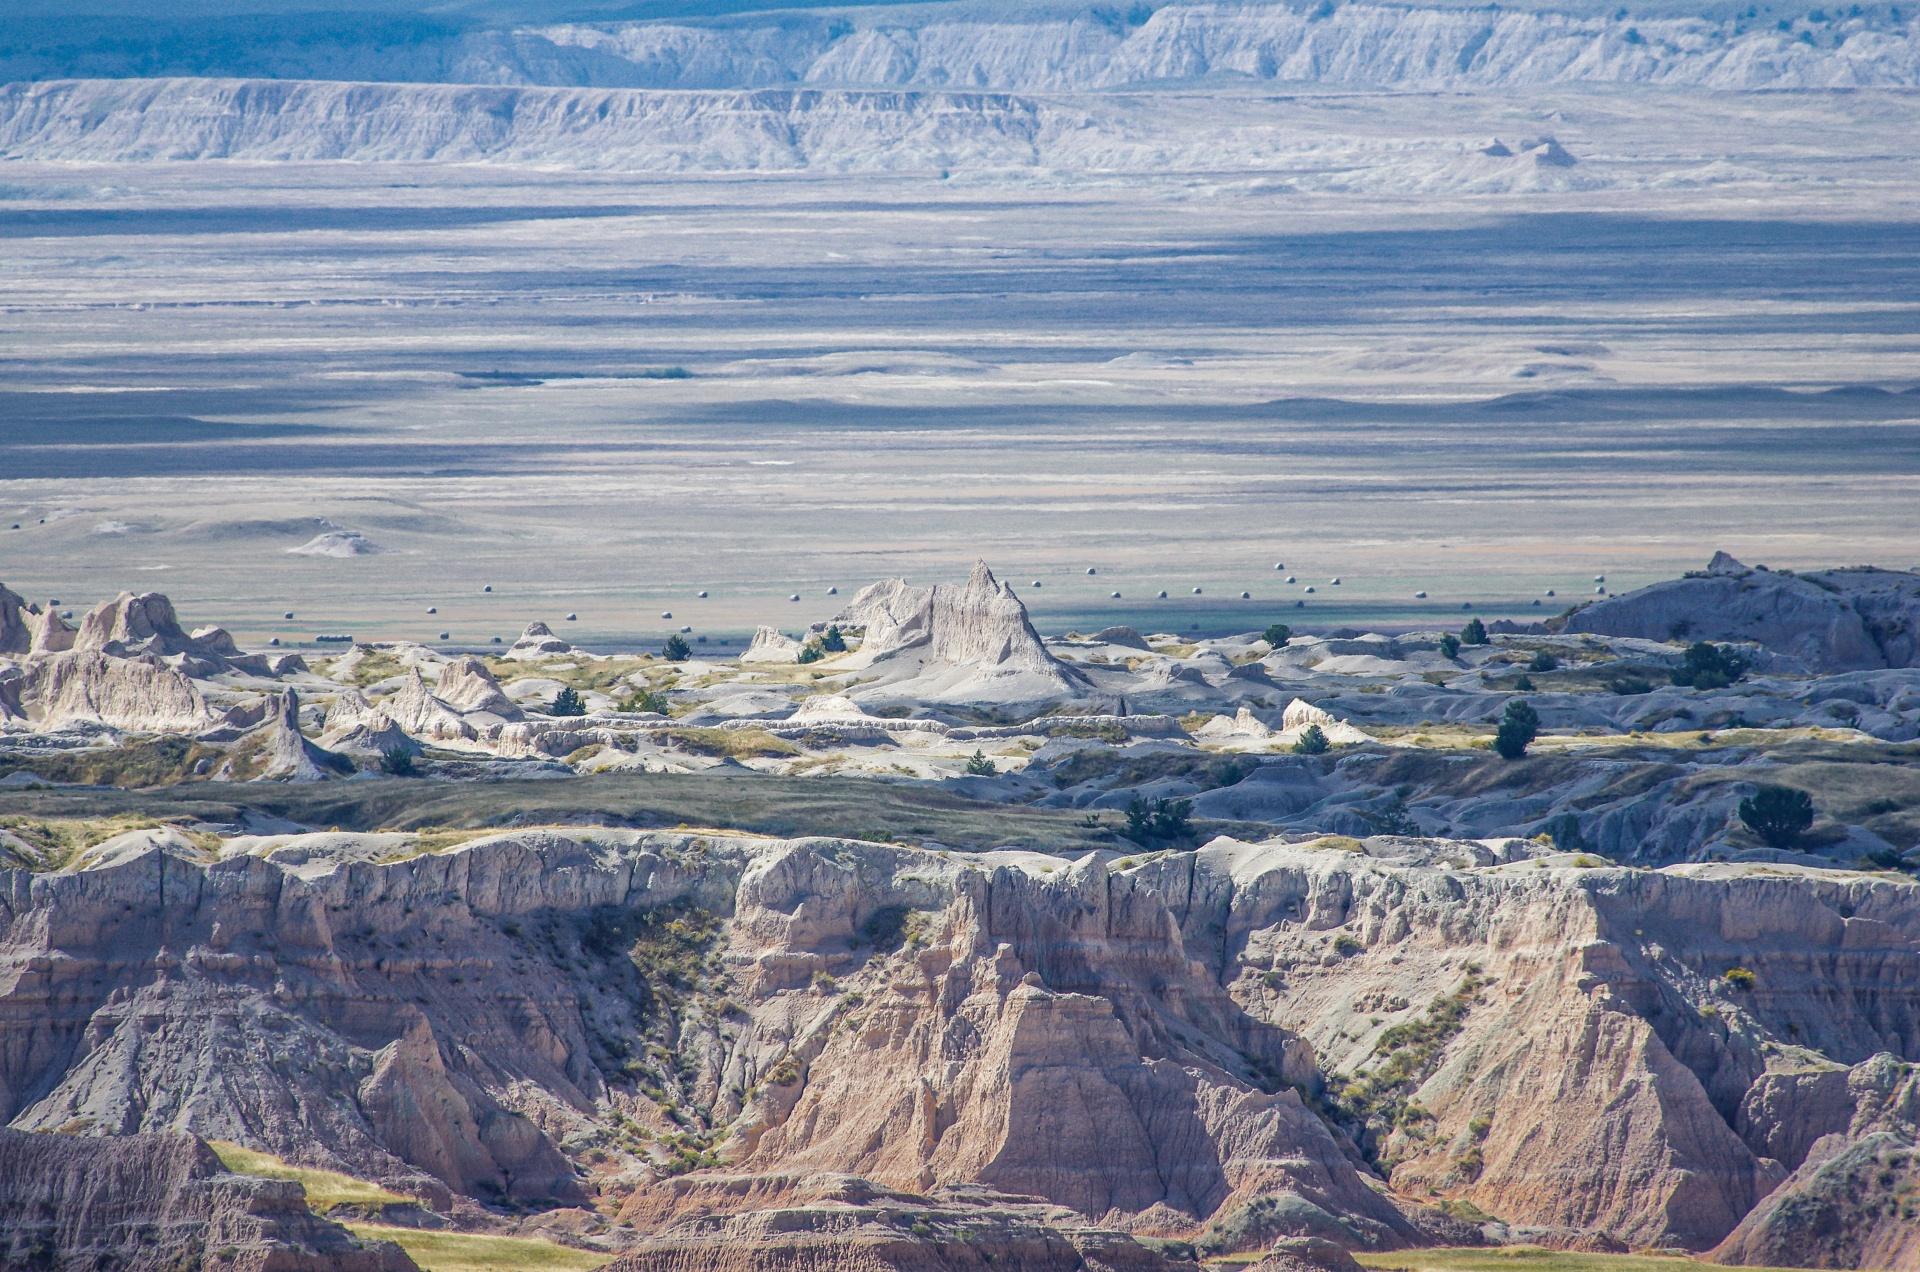 Ausläufer der Badlands - Süddakota